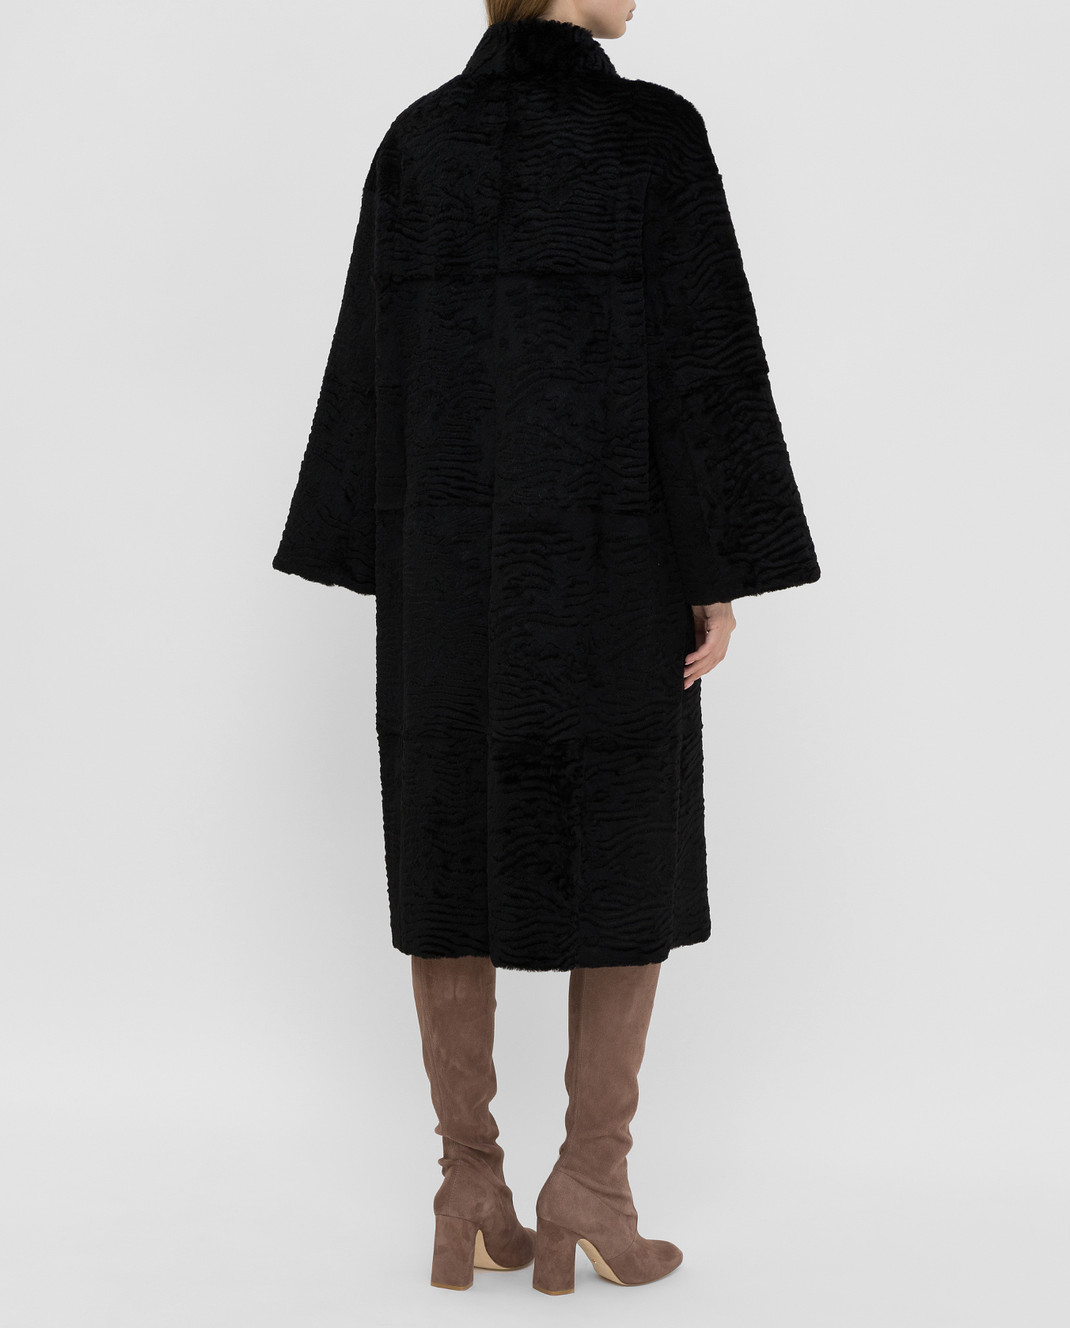 Giuliana Teso Черное пальто из меха кролика 84KA440A изображение 4